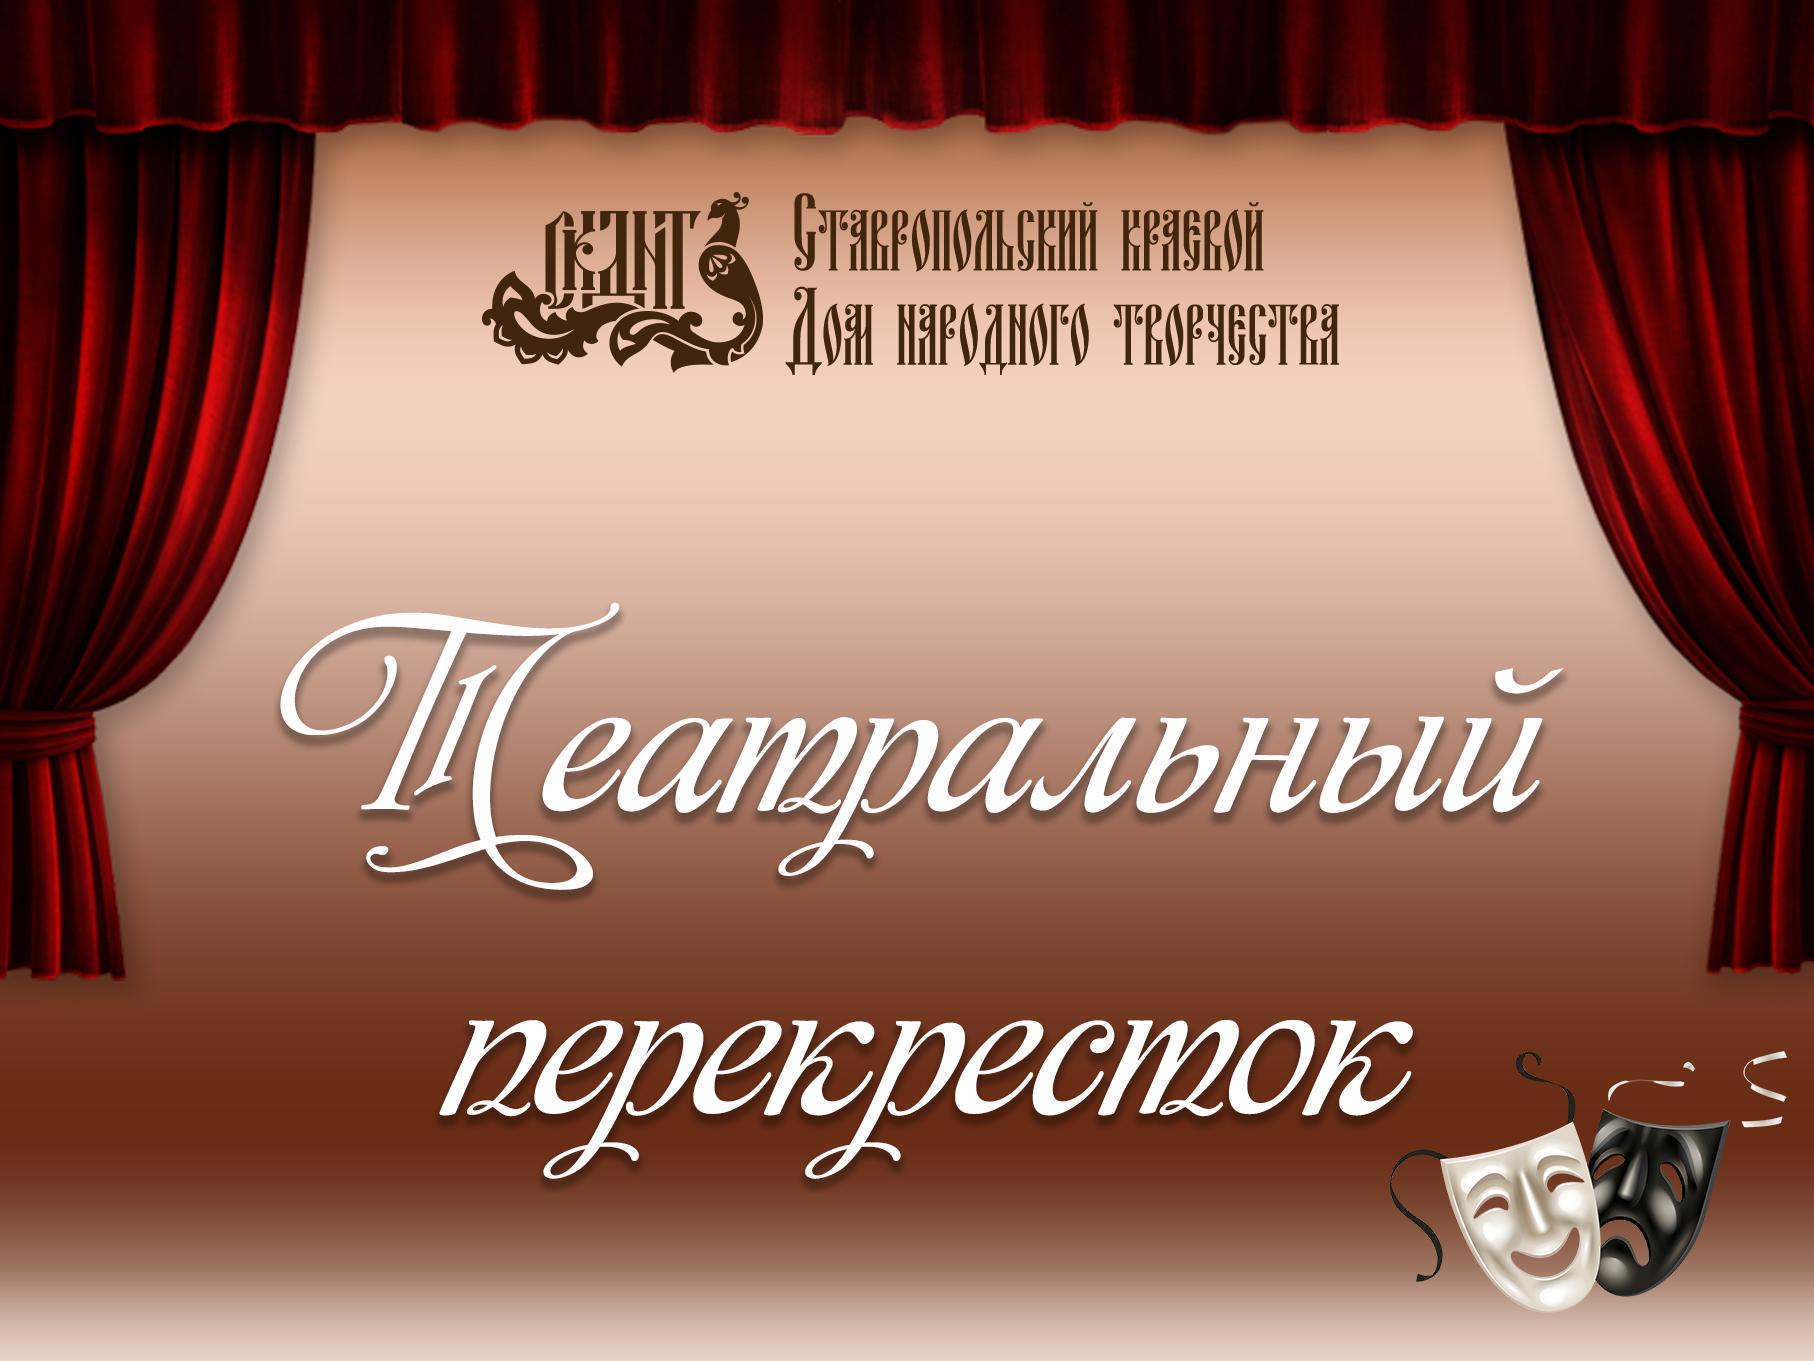 Лучшие любительские театрывыступят в День Ставропольского края